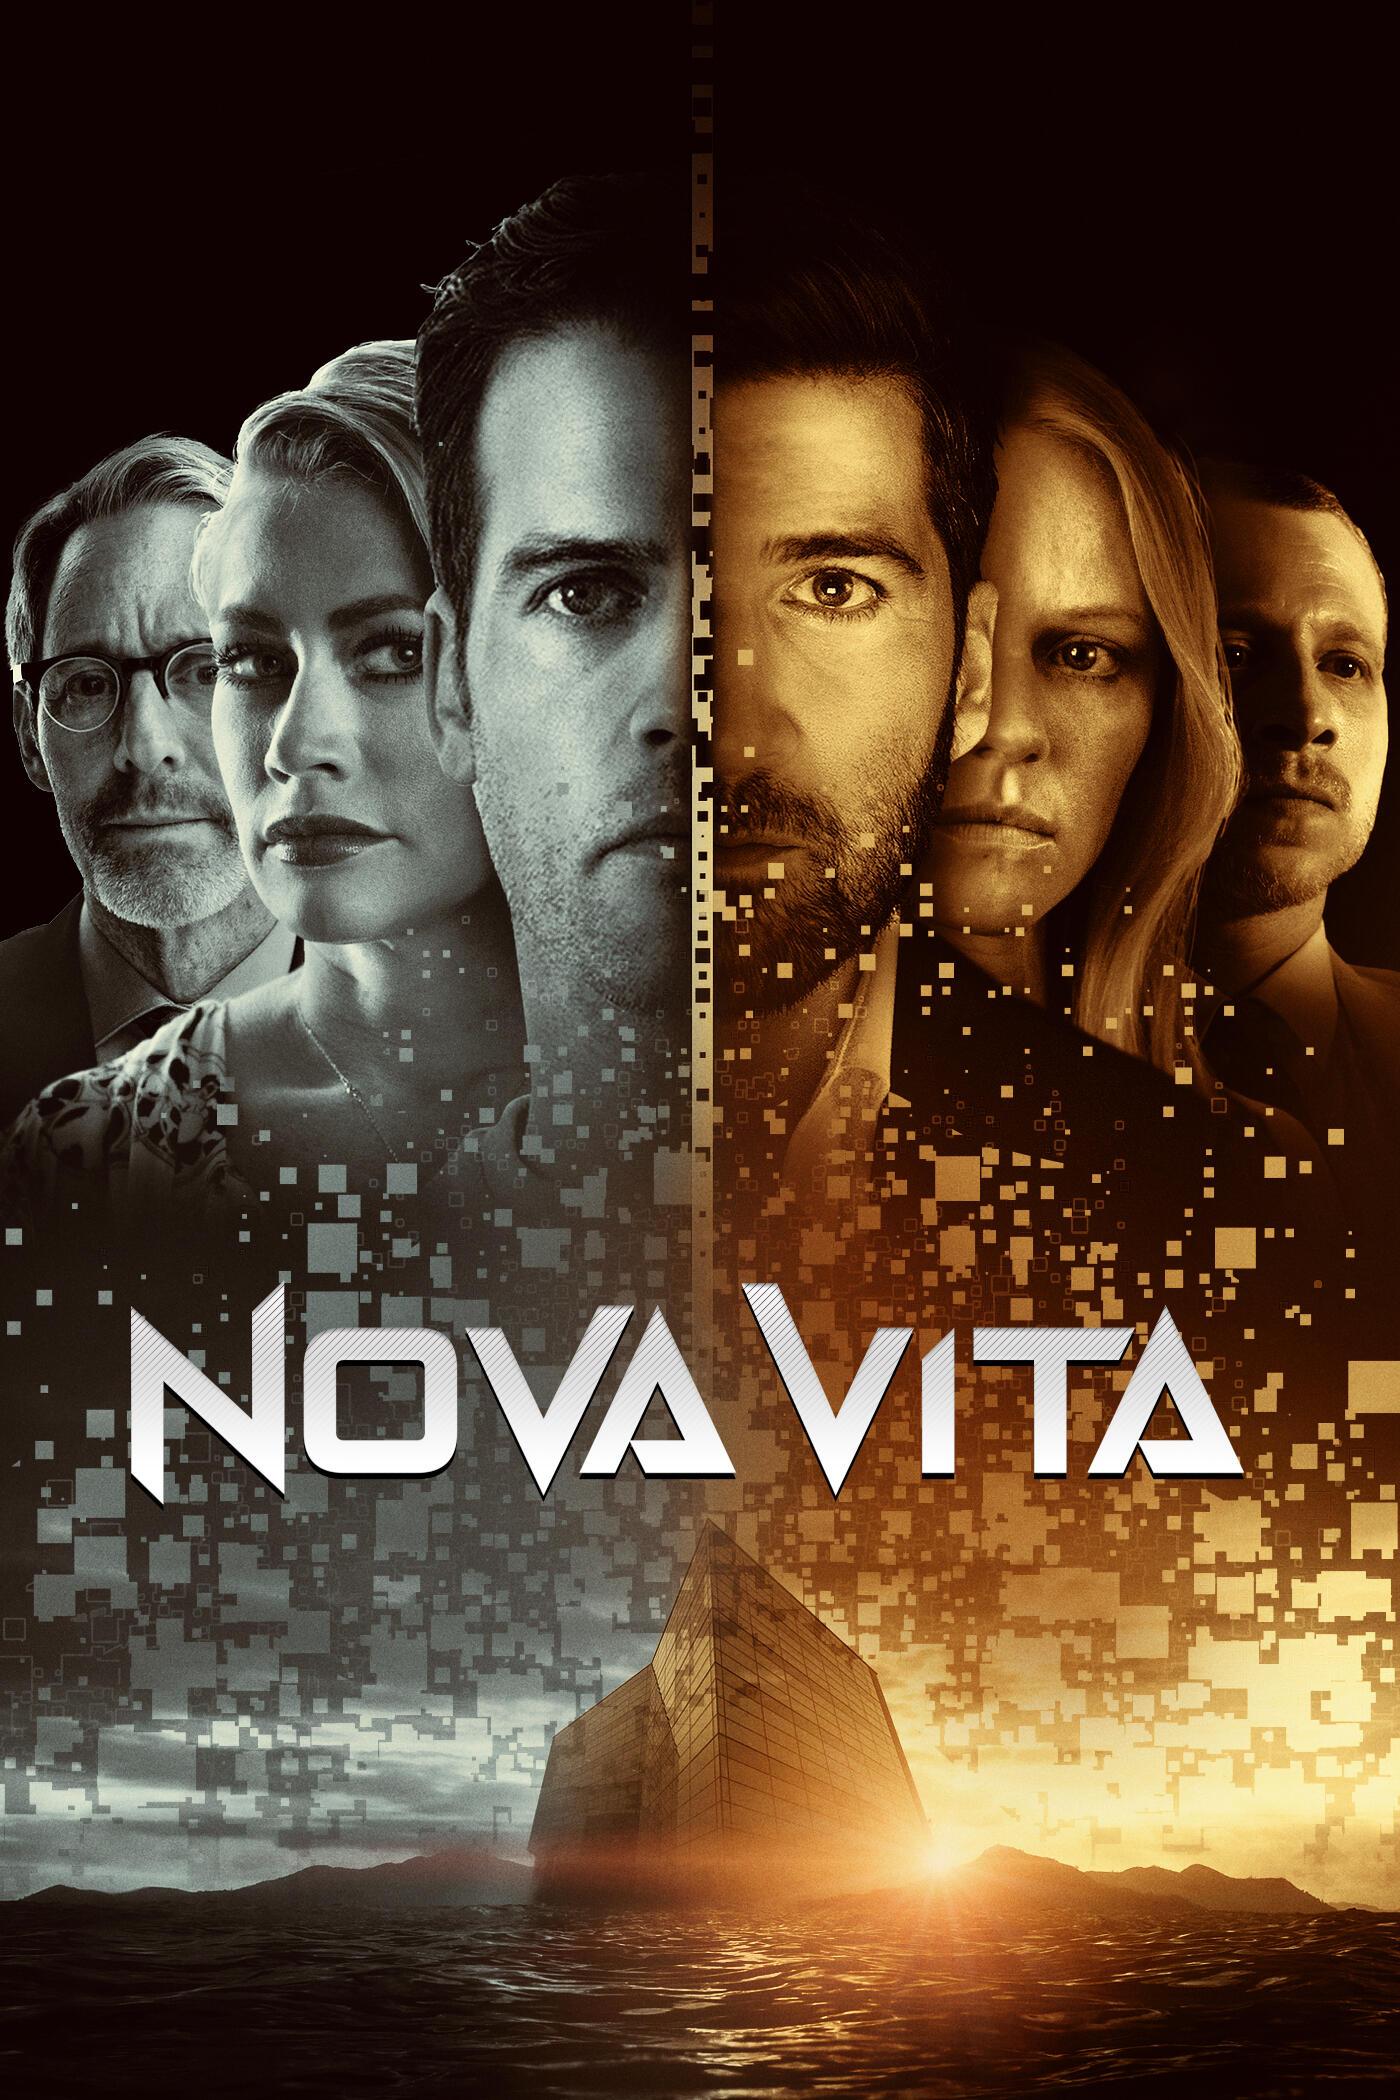 nya-filmer-Nova-vita-streama